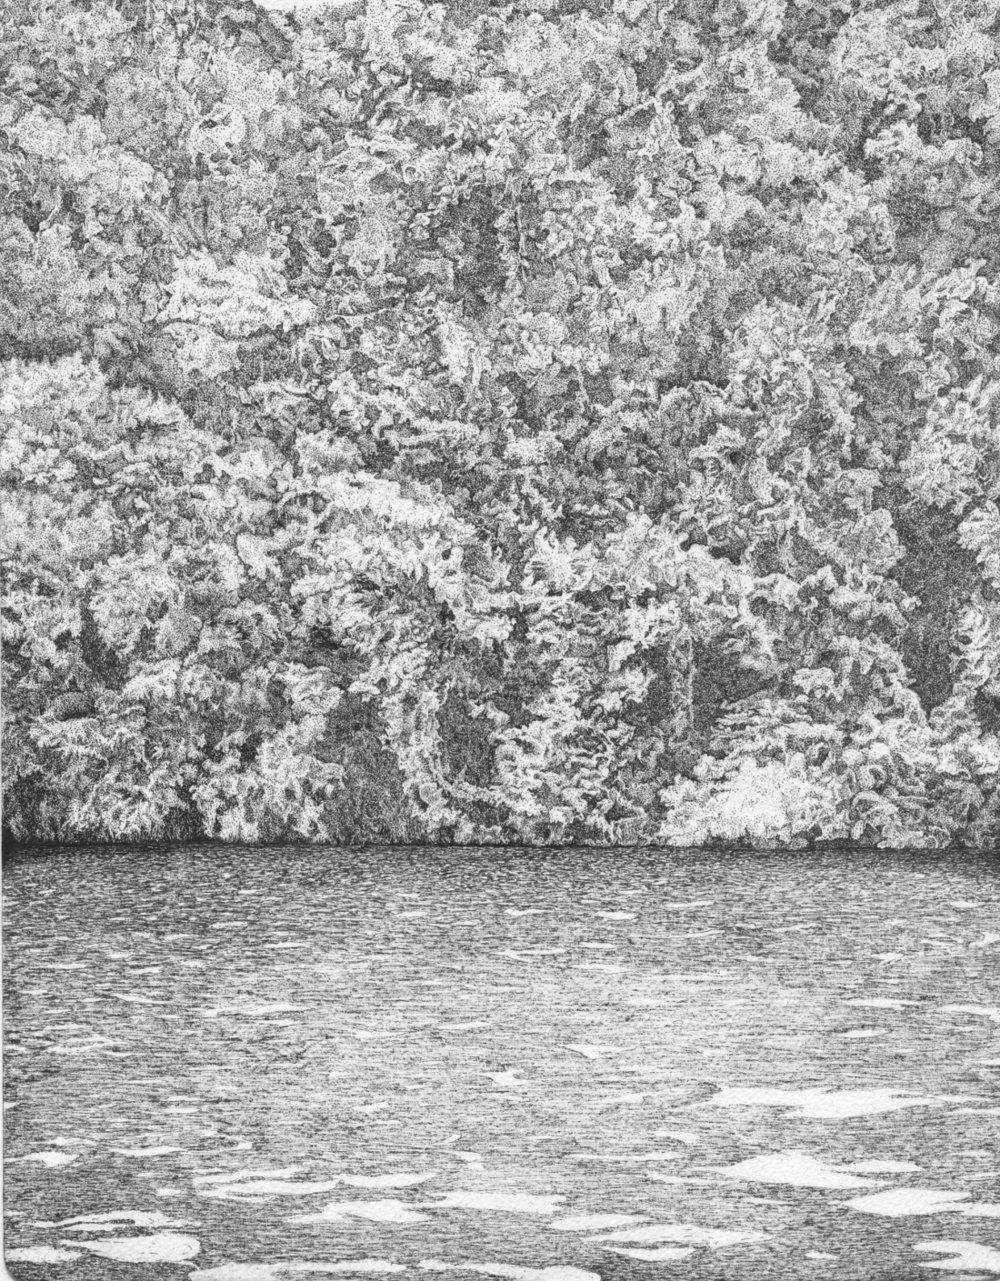 17_river hills rd.jpg